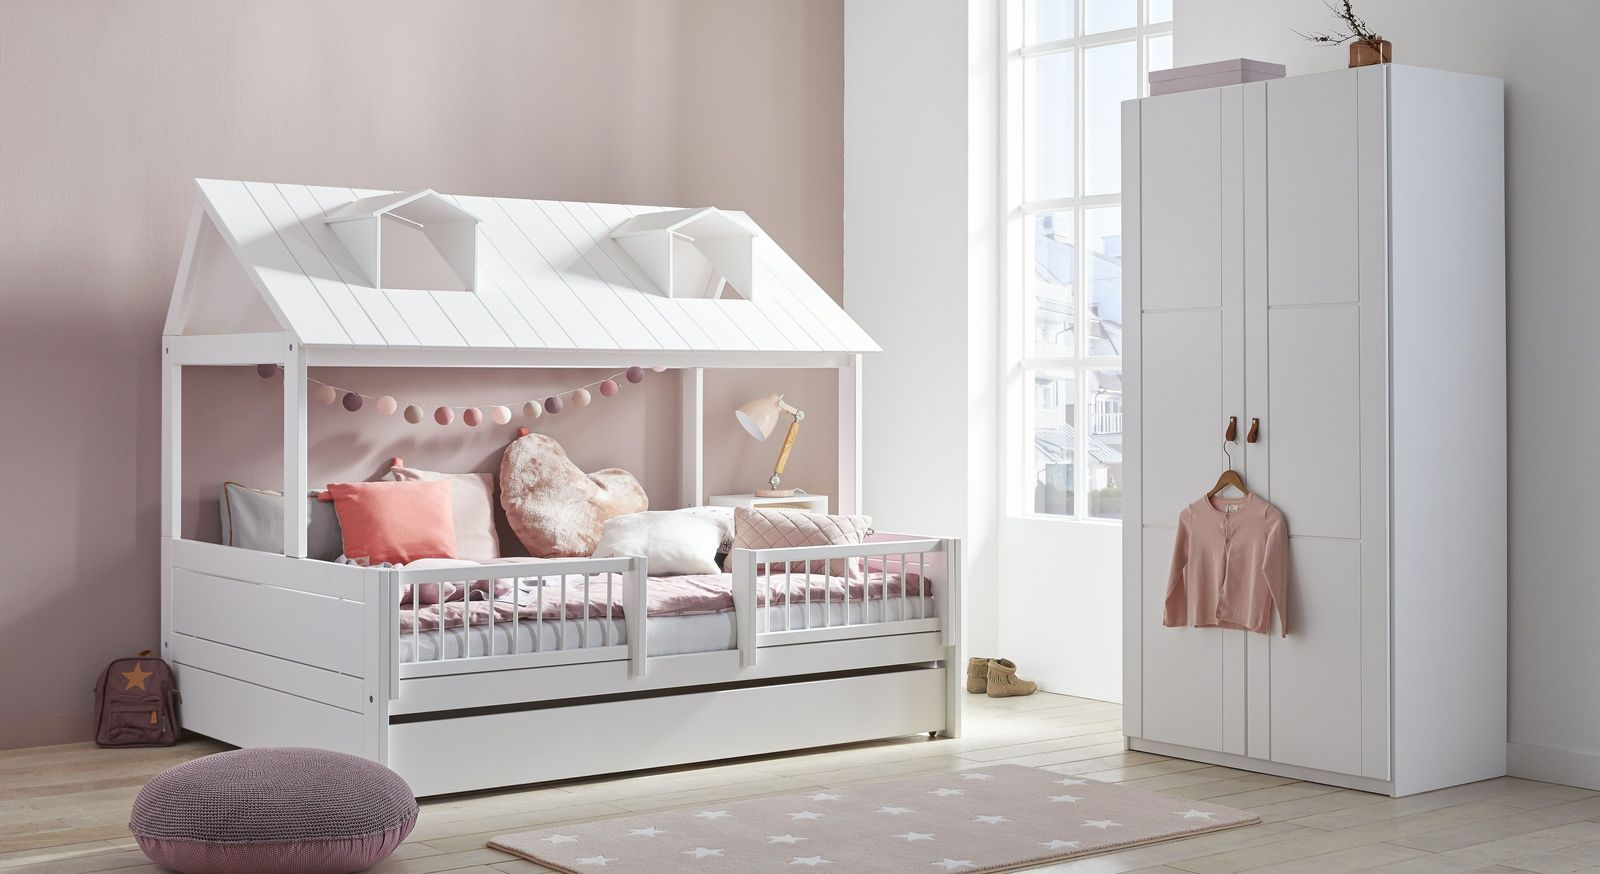 Robustes LIFETIME Kinderbett Ferienhaus in modernem Design